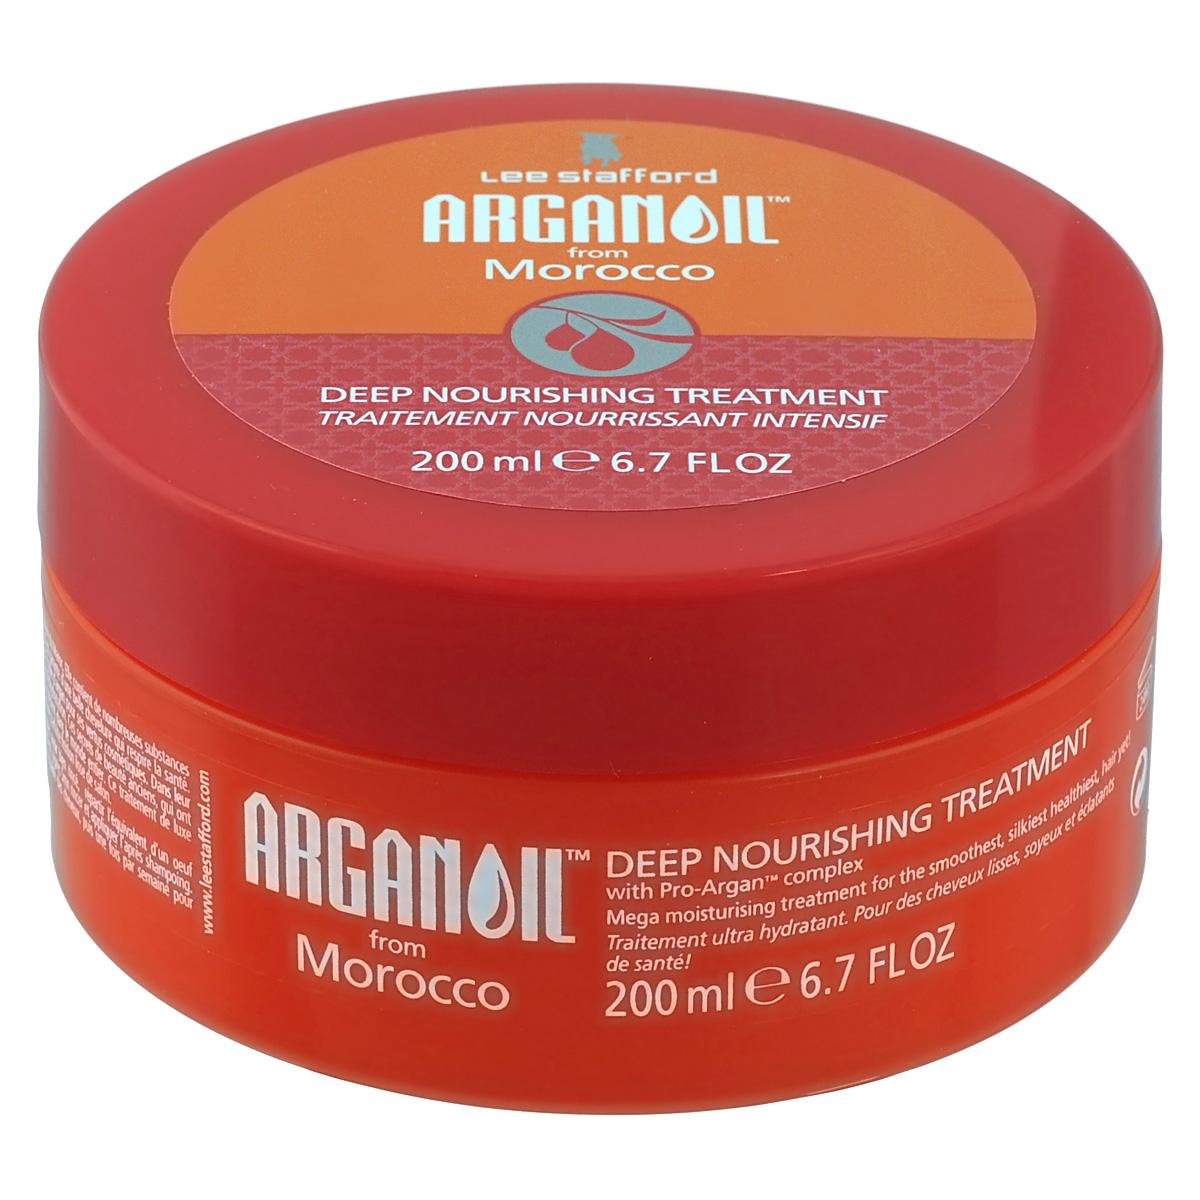 Lee Stafford Интенсивная питательная маска для волос с аргановым маслом Arganoil From Marocco, 200 мл695468M06000 Lee Stafford Маска интенсивная питательная с аргановым маслом Arganoil from Marocco Treatment, 200 мл. Средство с комплексом Pro-Argan™ воздействует на особо уязвимые участки волос, увлажняя их и разглаживая. Используйте маску при мытье волос, между шампунем и кондиционером. После того как смыт шампунь, нанесите маску, распределите по всей длине, оставьте на 5 минут. Затем смойте.